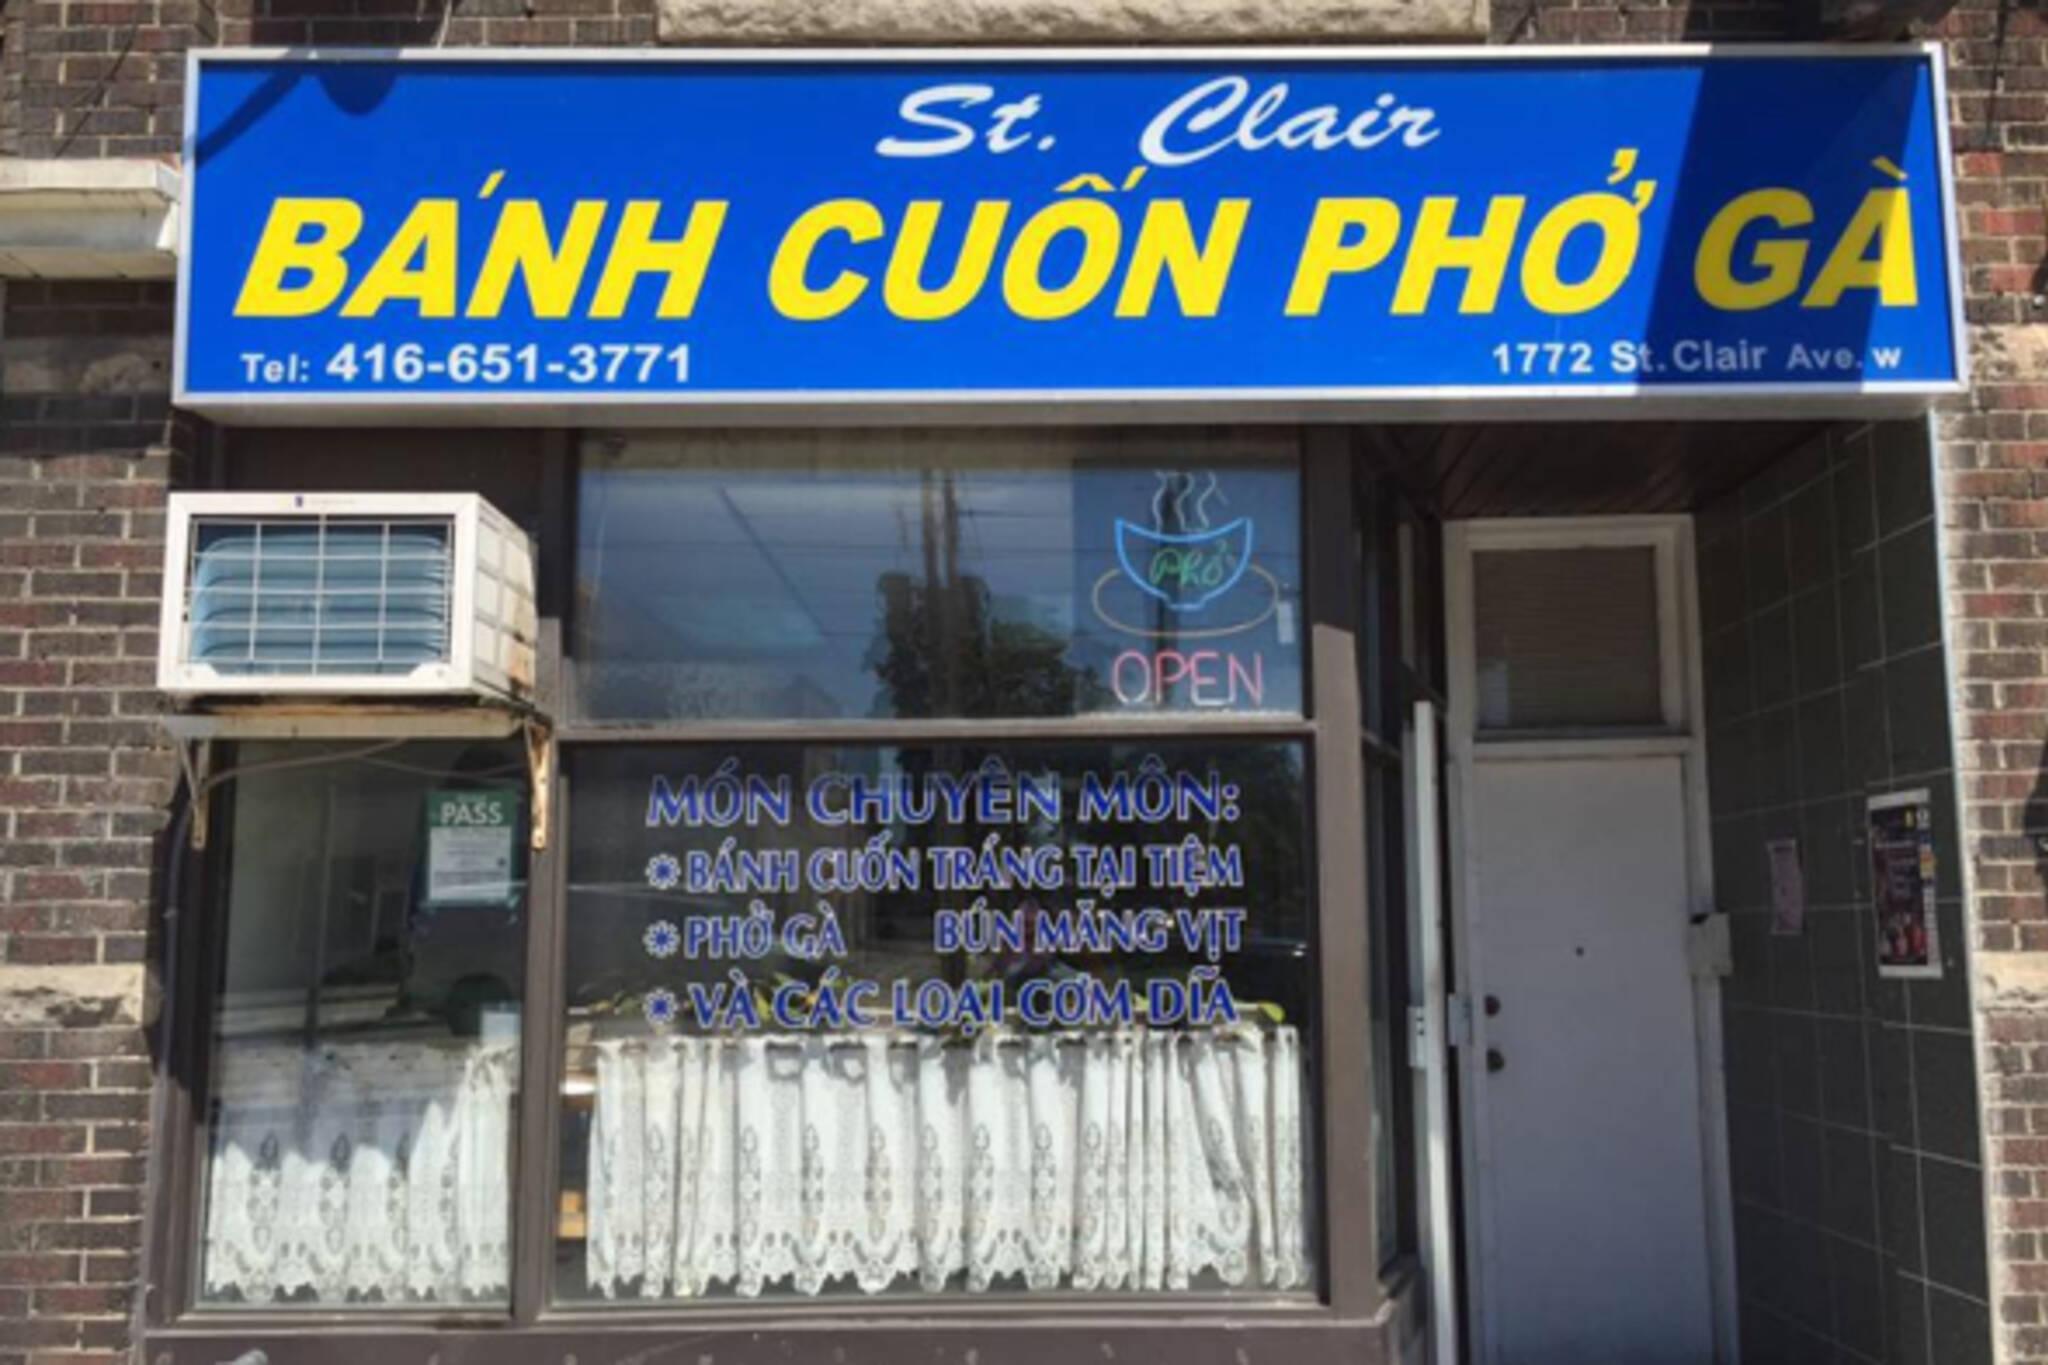 Pho Ga Banh Cuon toronto